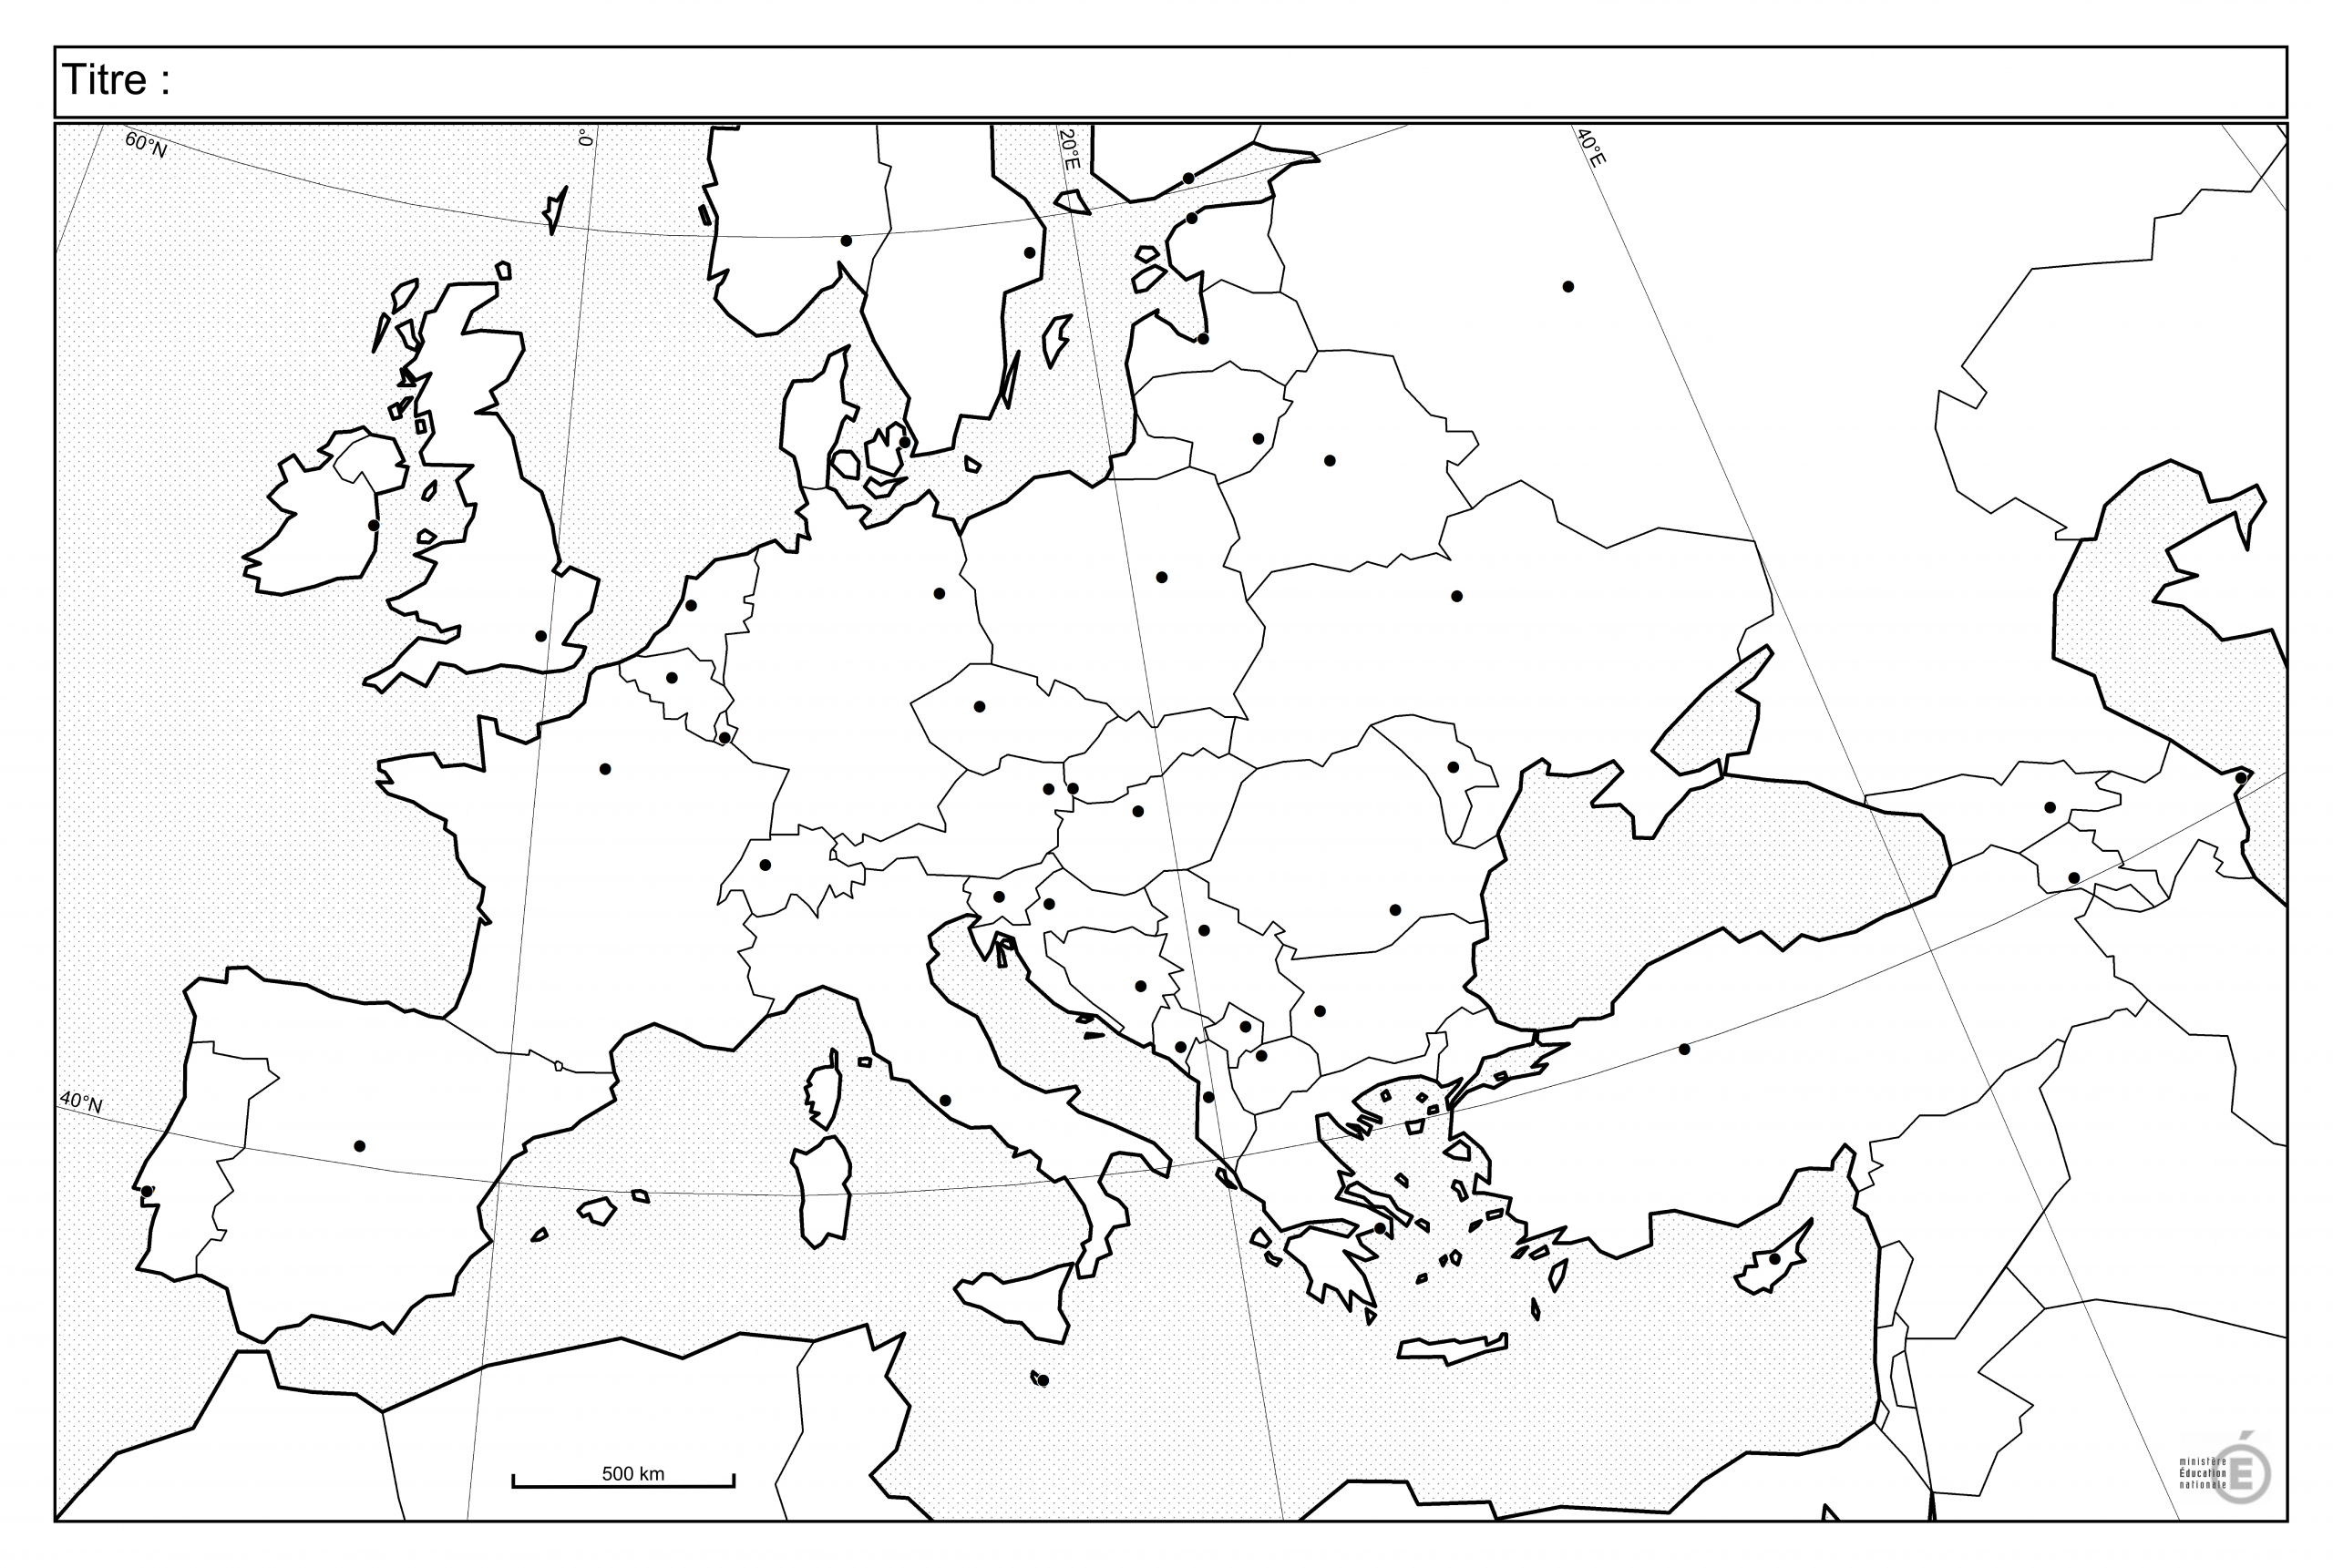 Fonds De Carte - Histoire-Géographie - Éduscol destiné Les Capitales D Europe